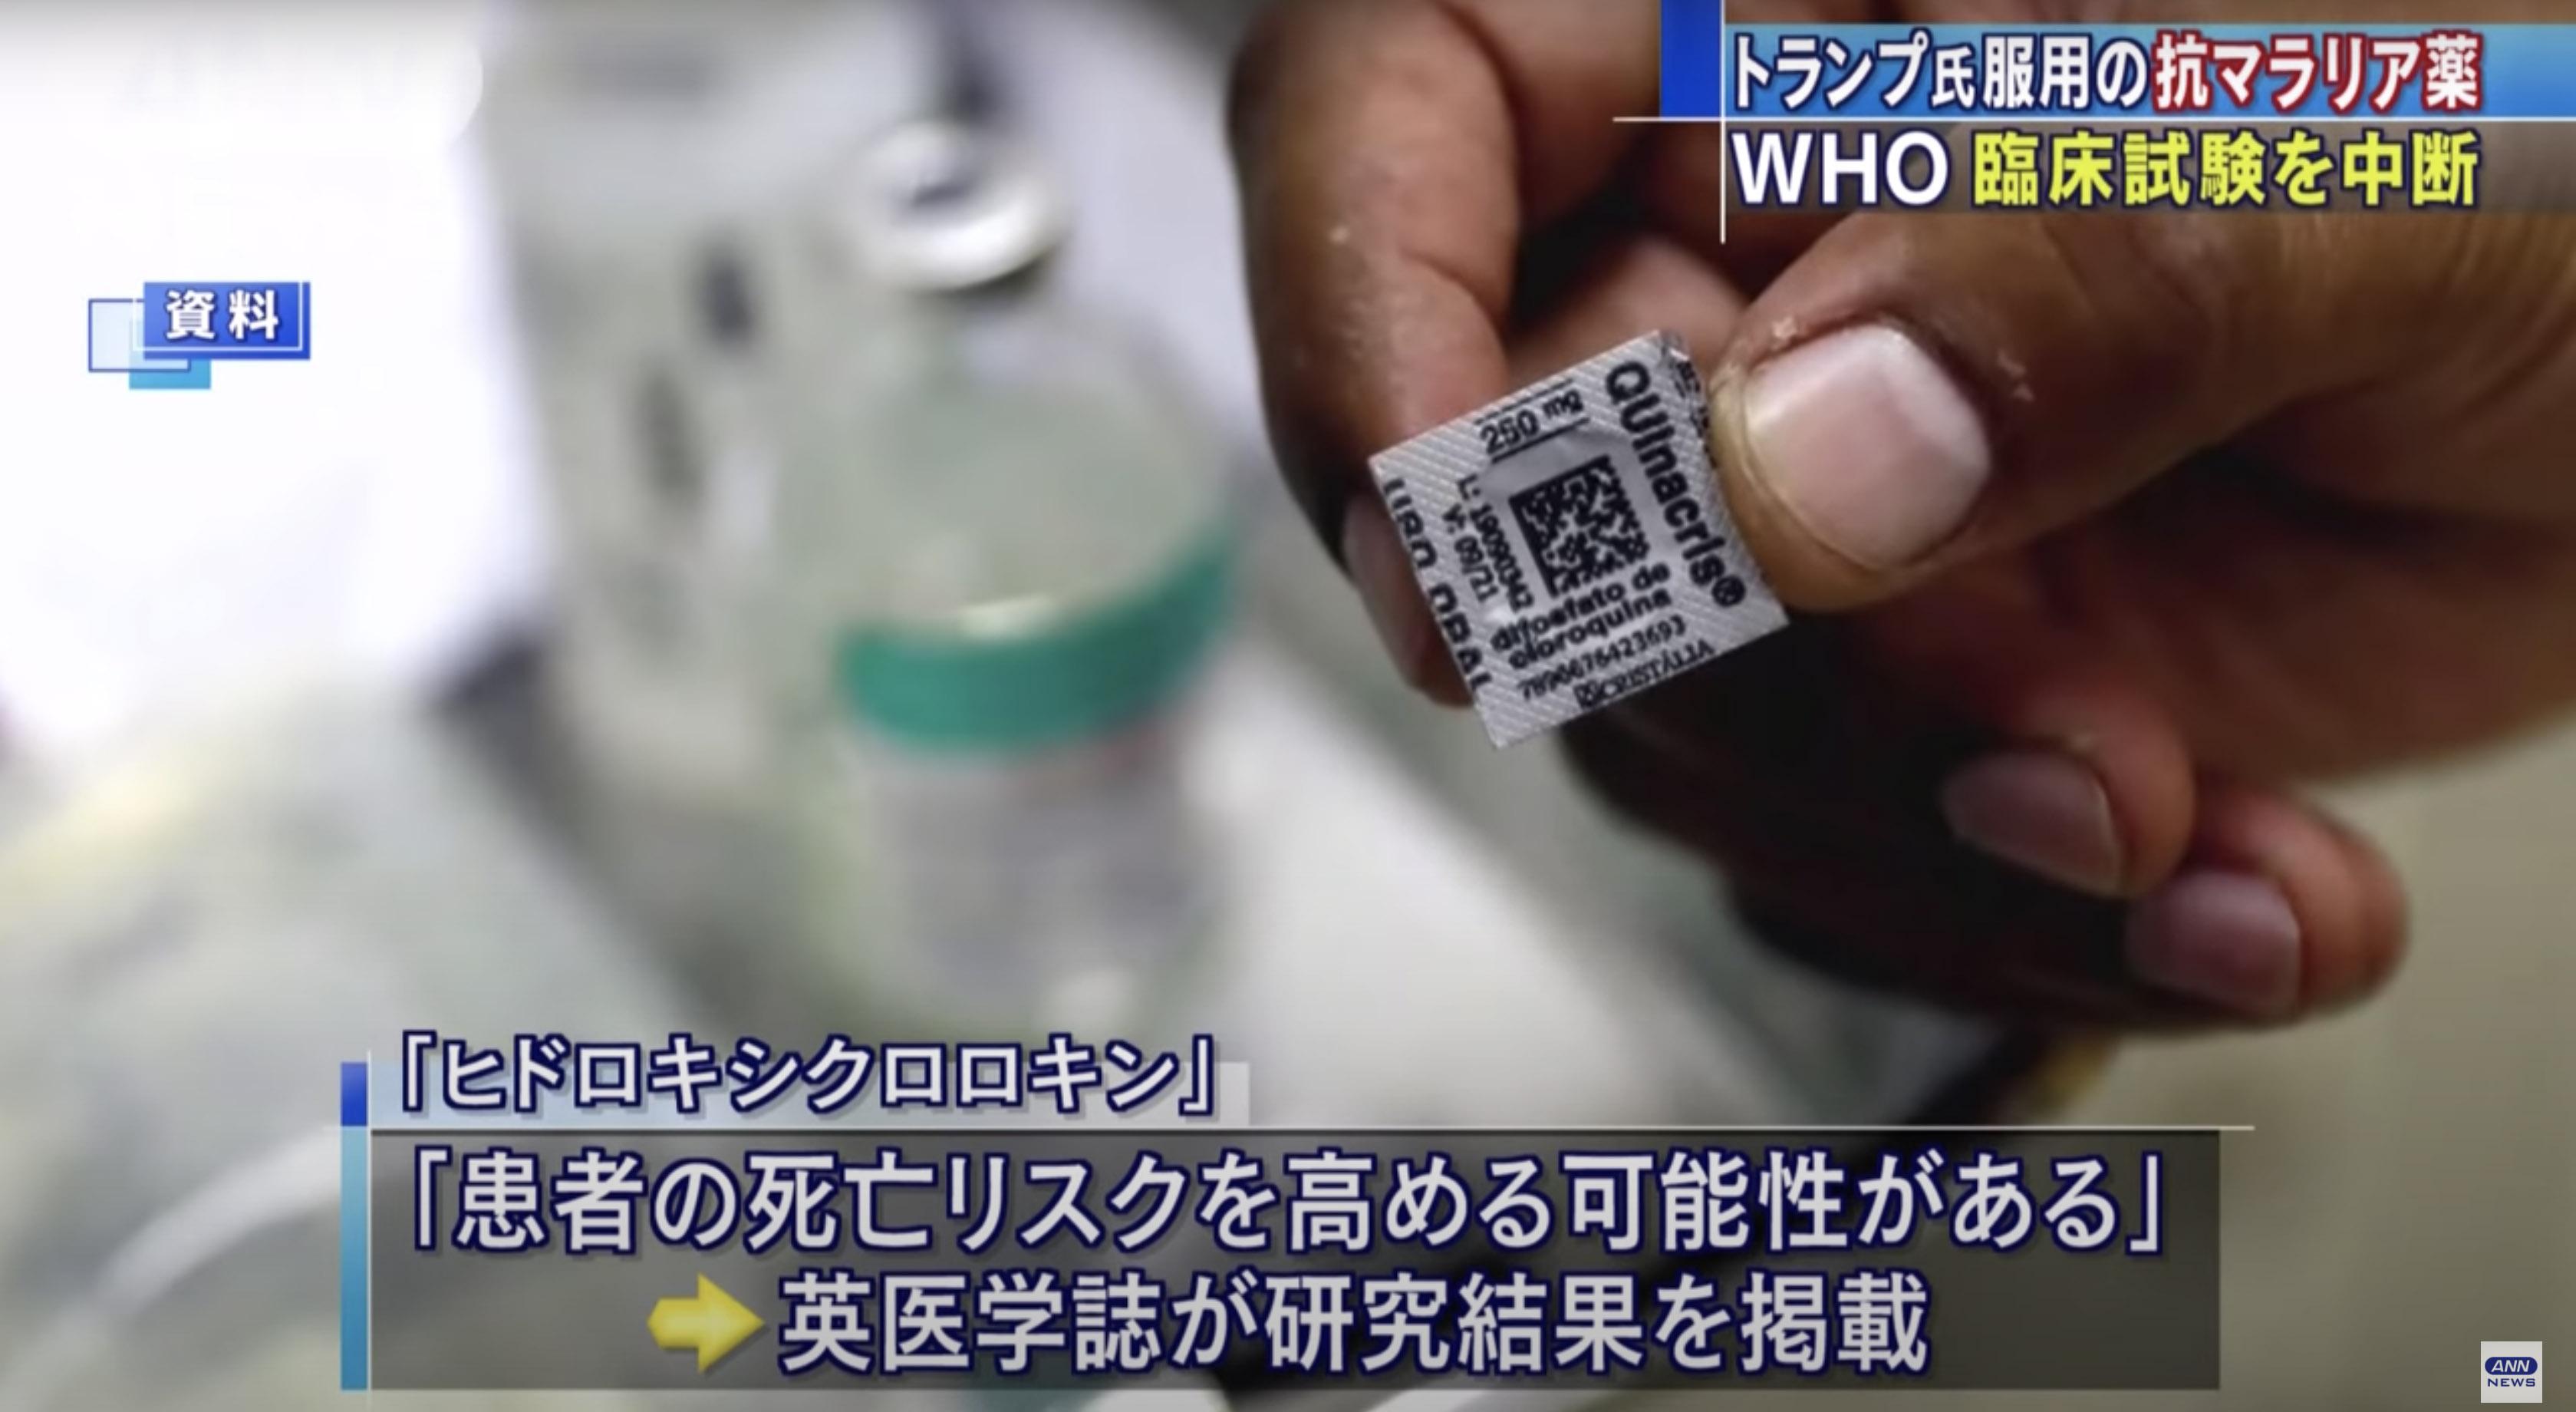 【抗マラリア薬】 臨床試験を中断 WHO